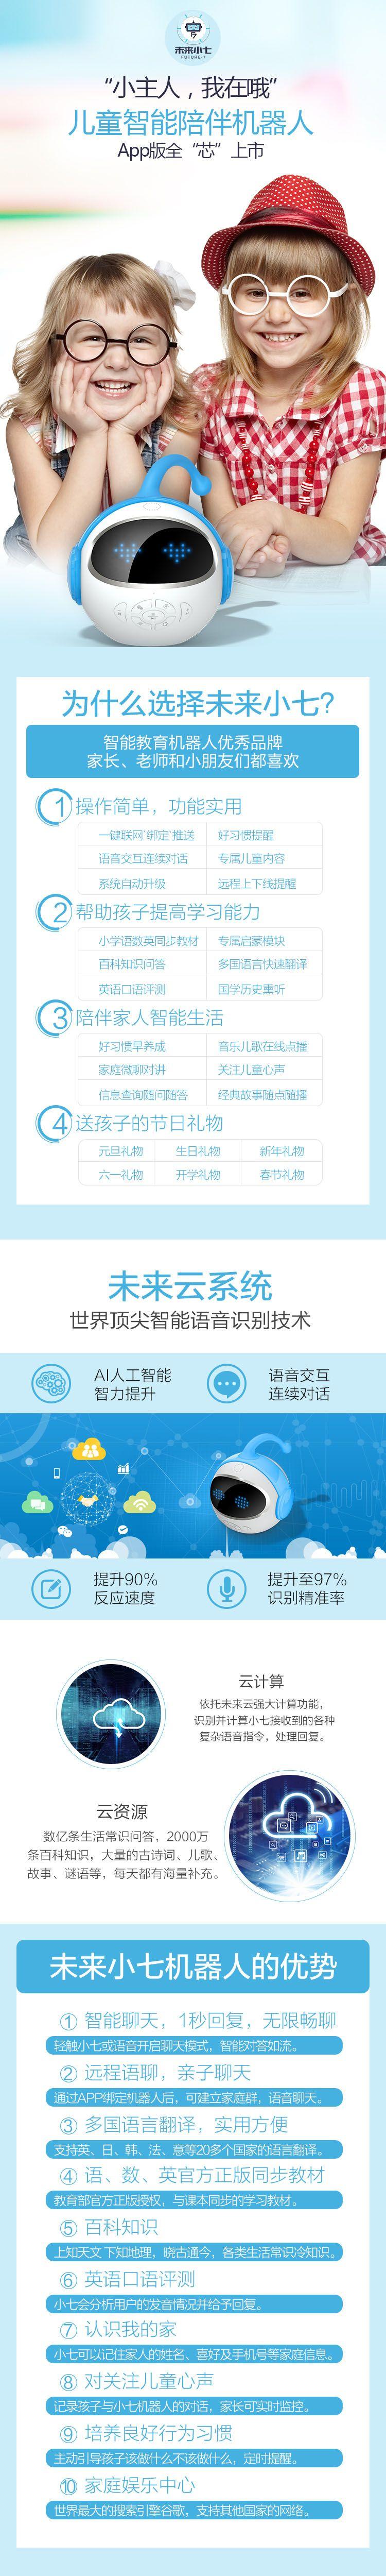 ??app1.jpg